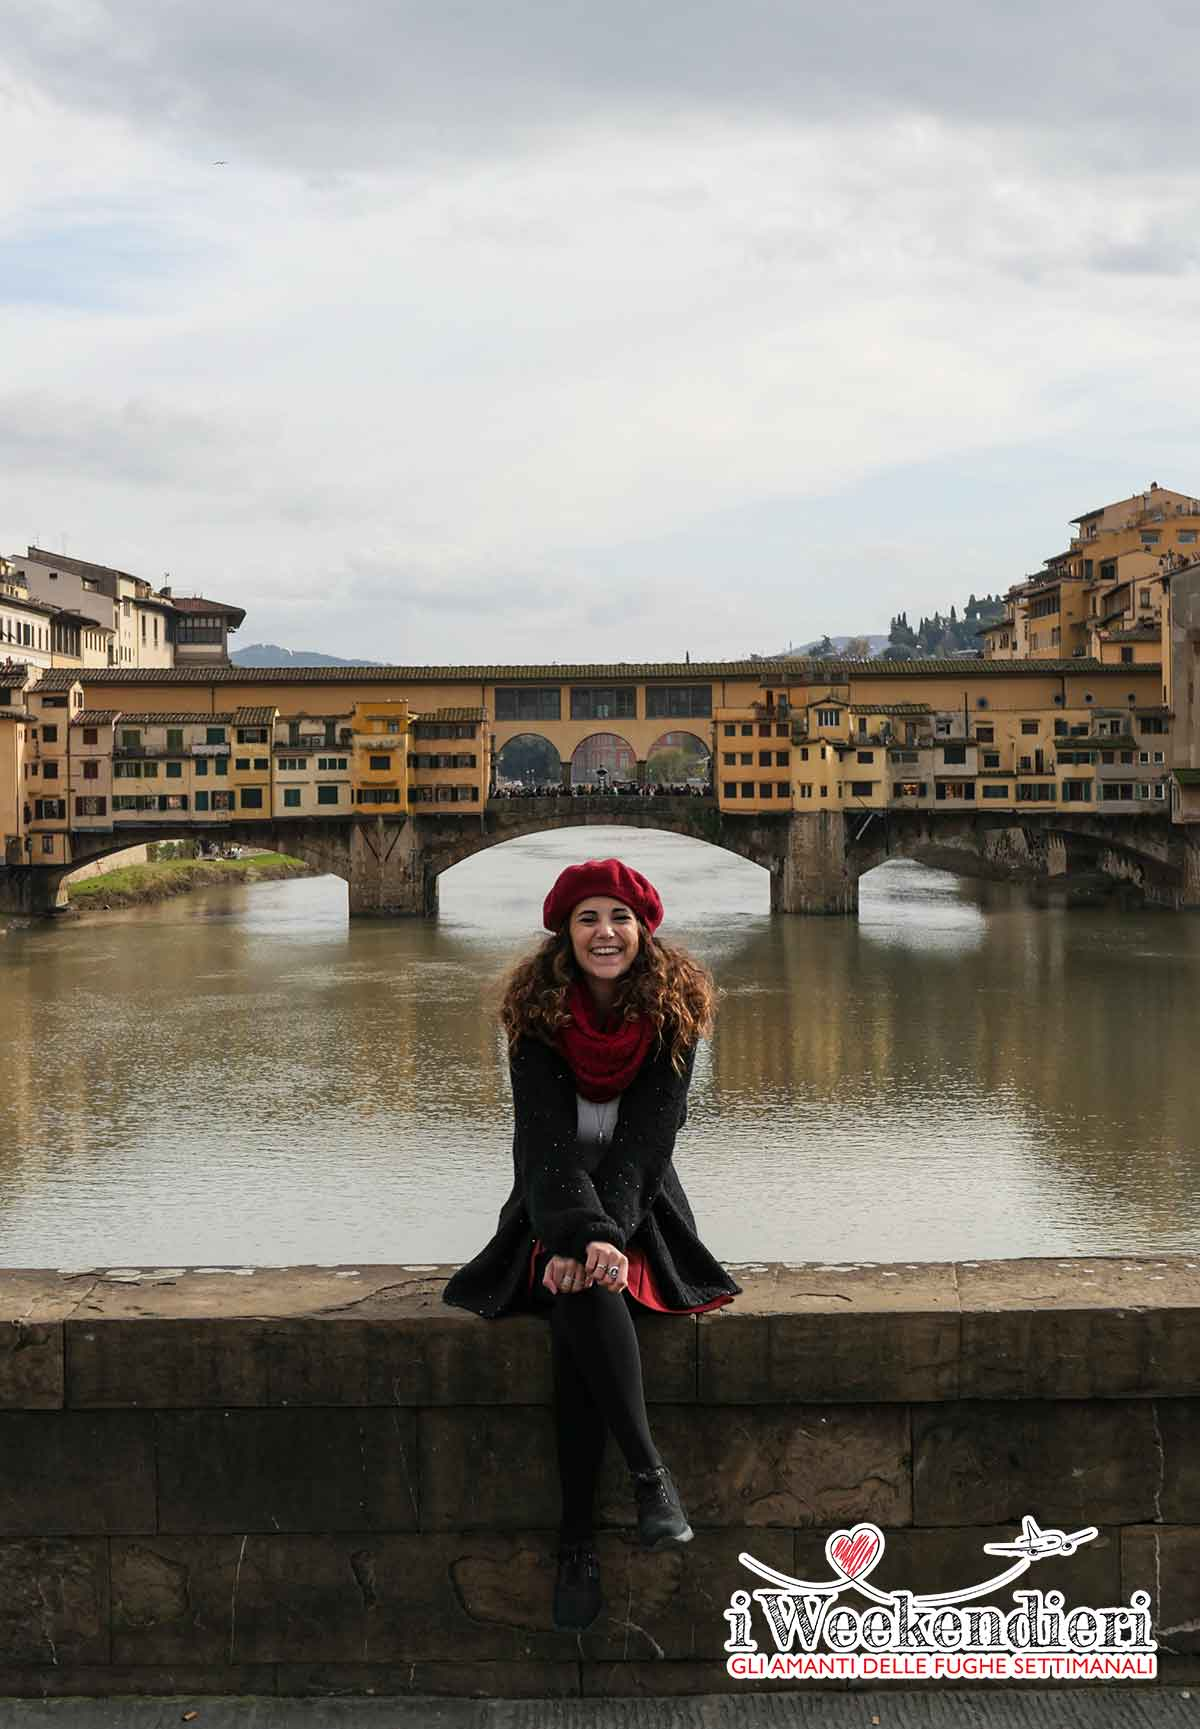 posti romantici italia